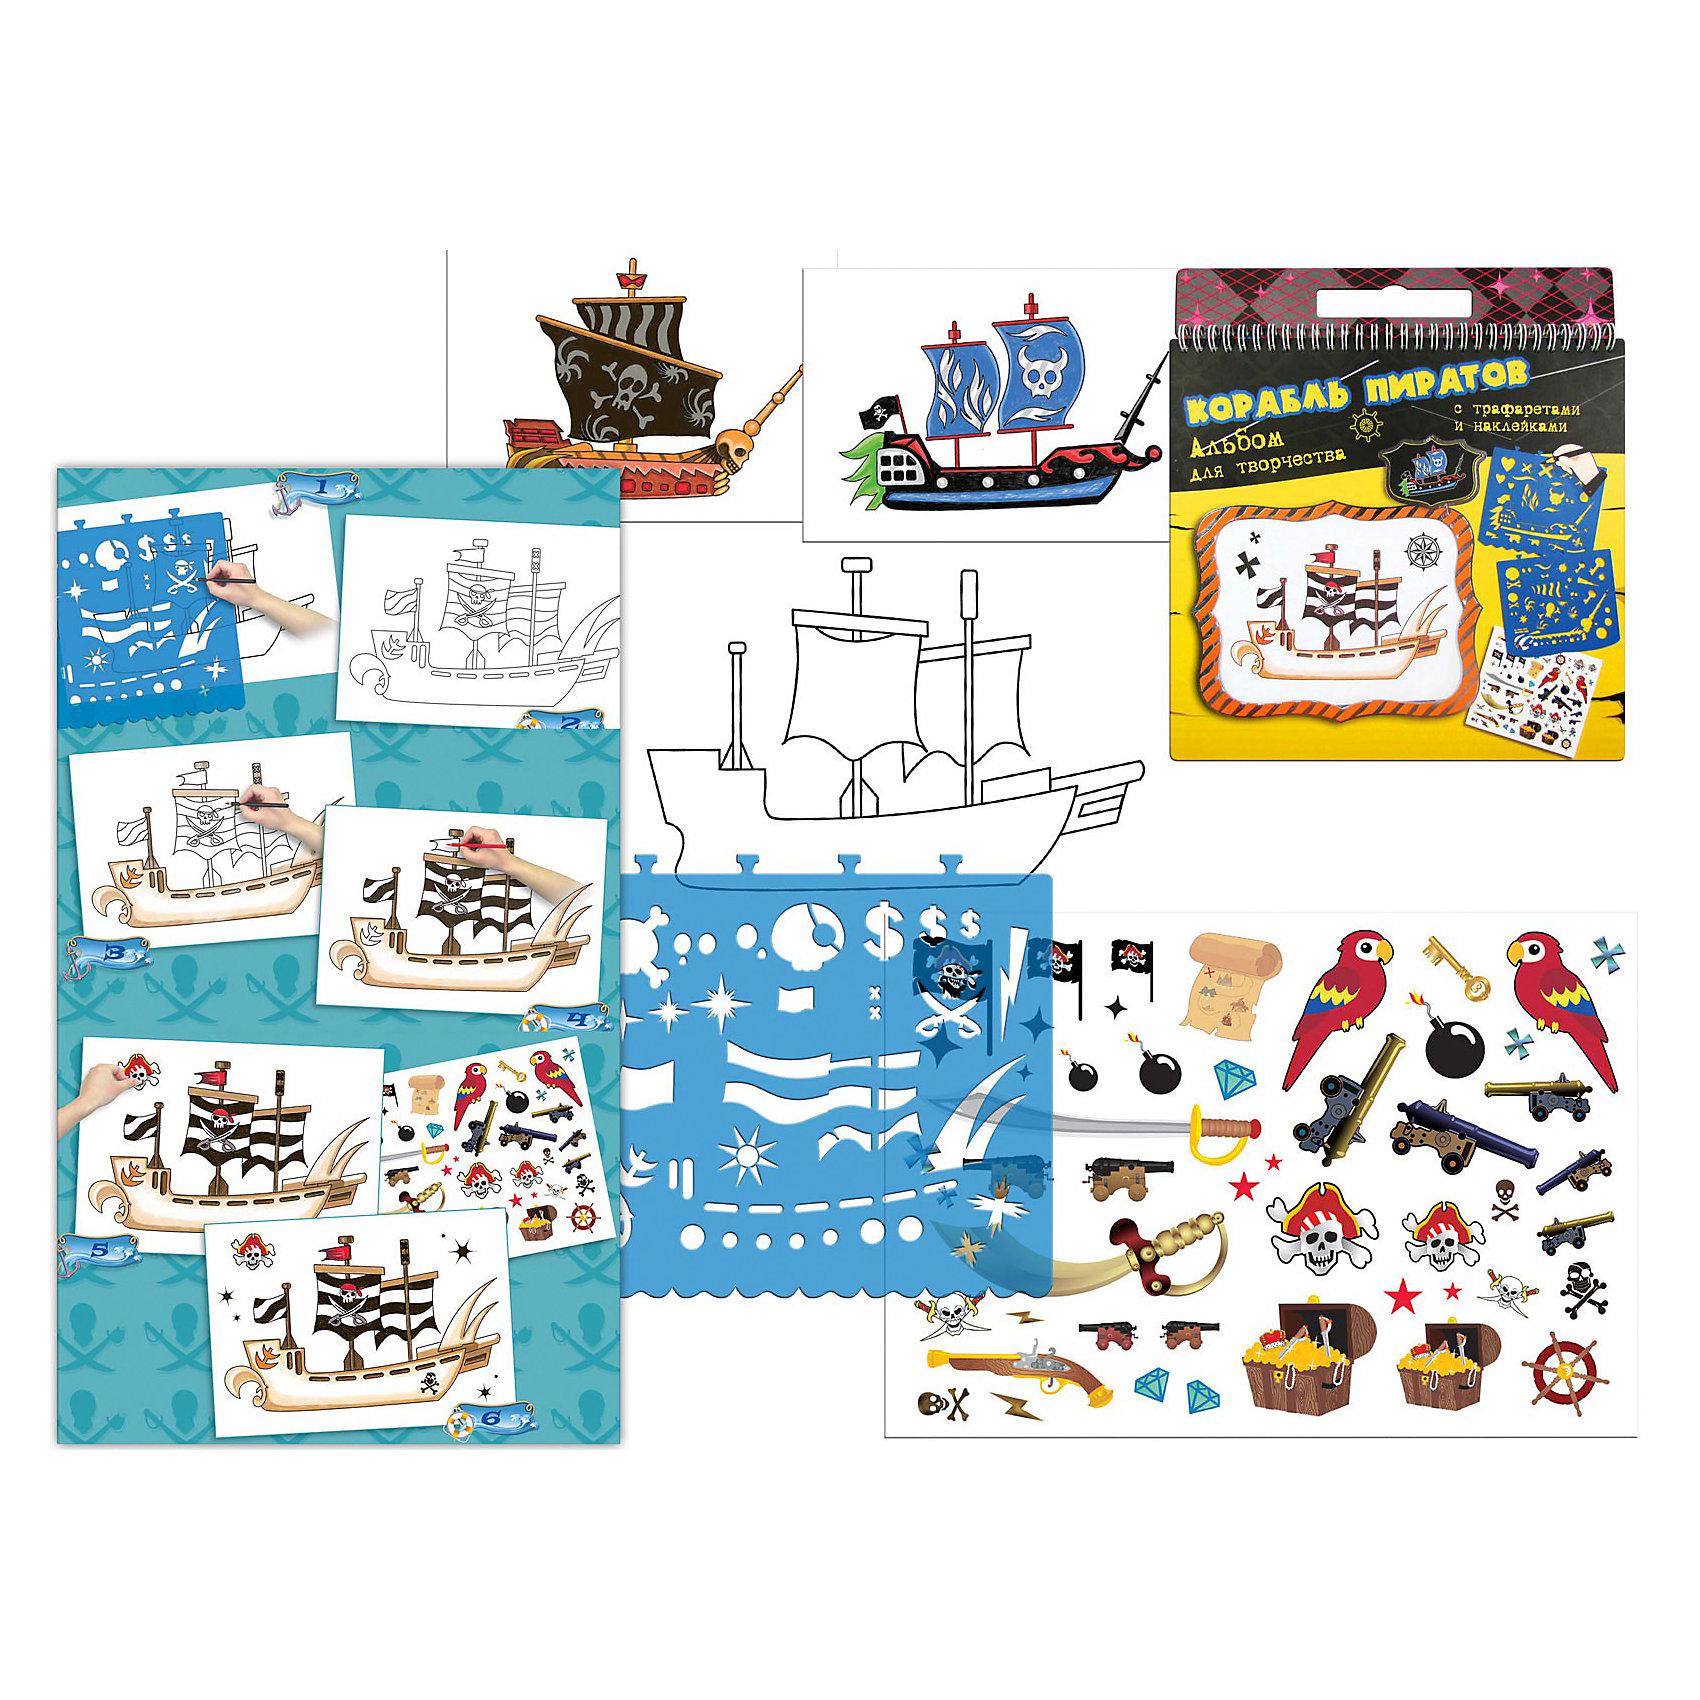 TUKZAR Альбом для творчества Пиратский корабль с трафаретами и наклейками, TUKZAR санни модный дизайн альбом для творчества